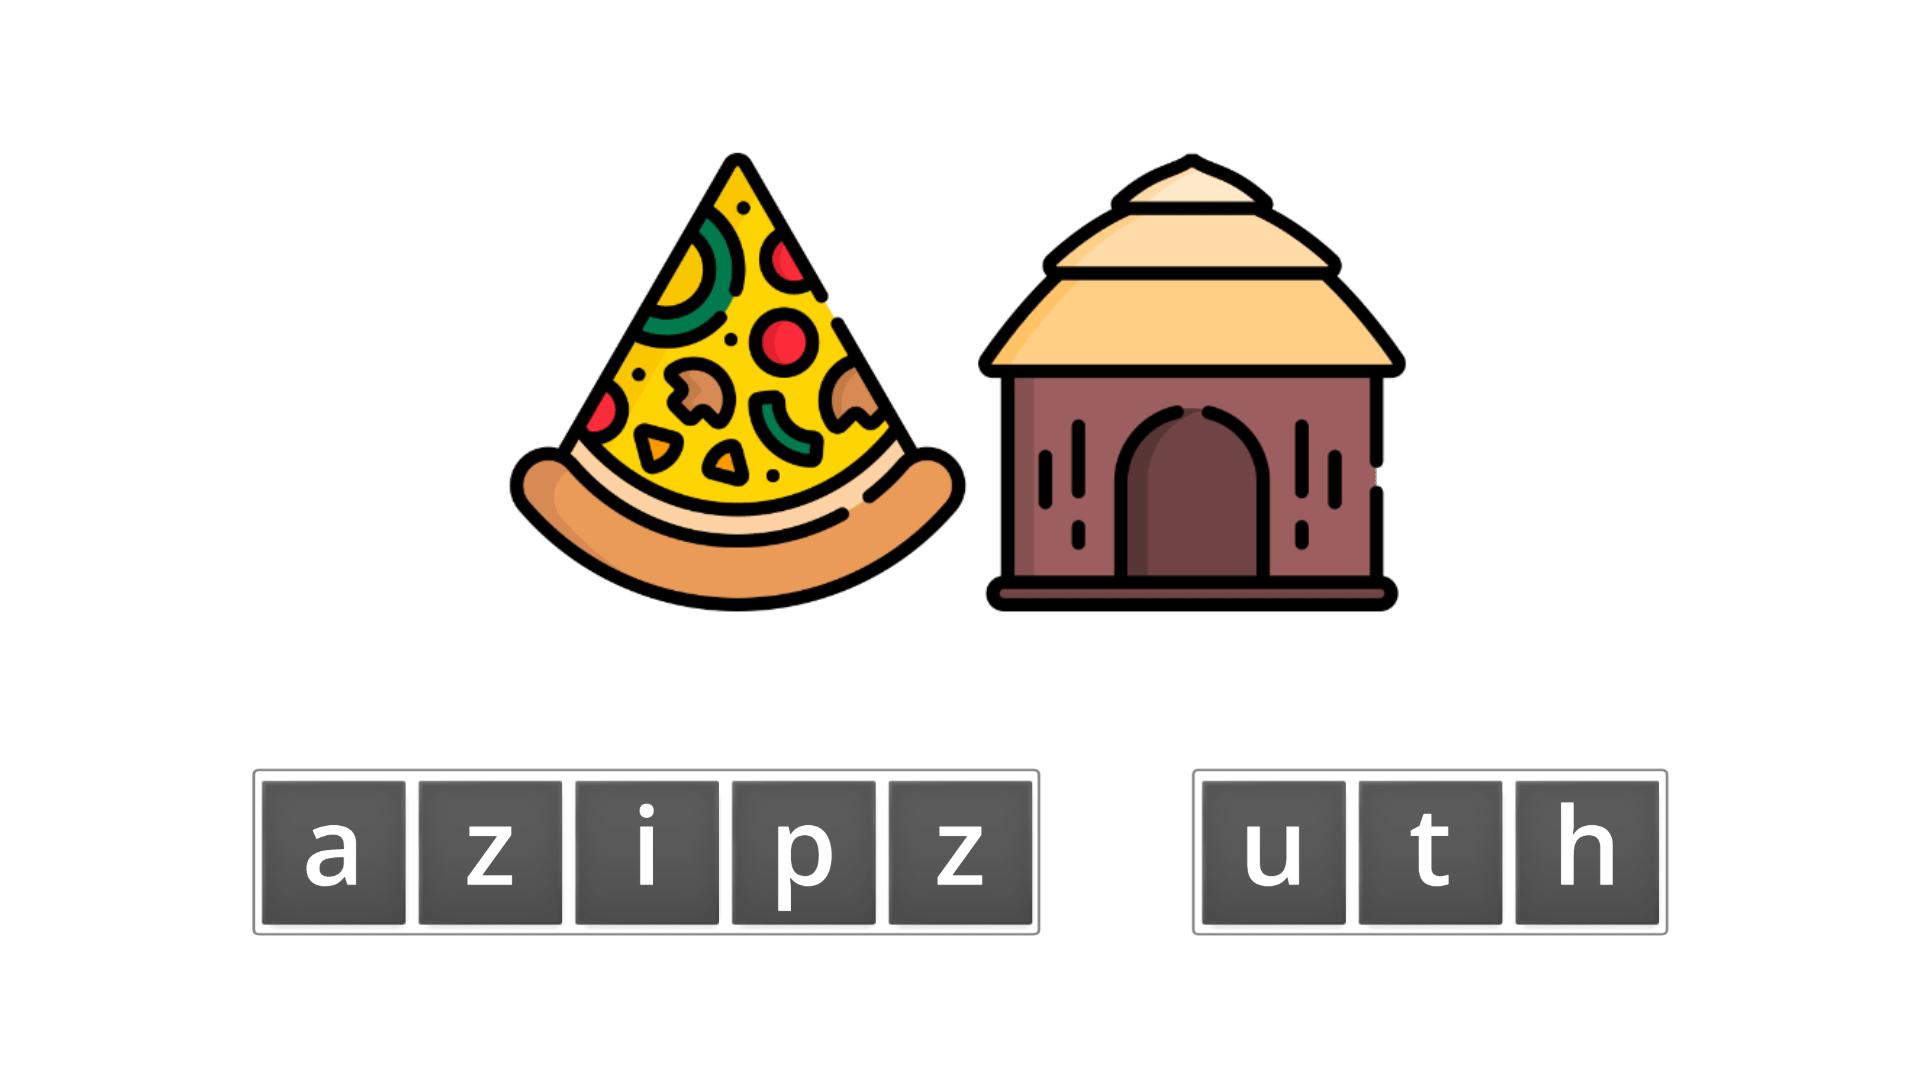 esl resources - flashcards - compound nouns - unscramble - pizza hut